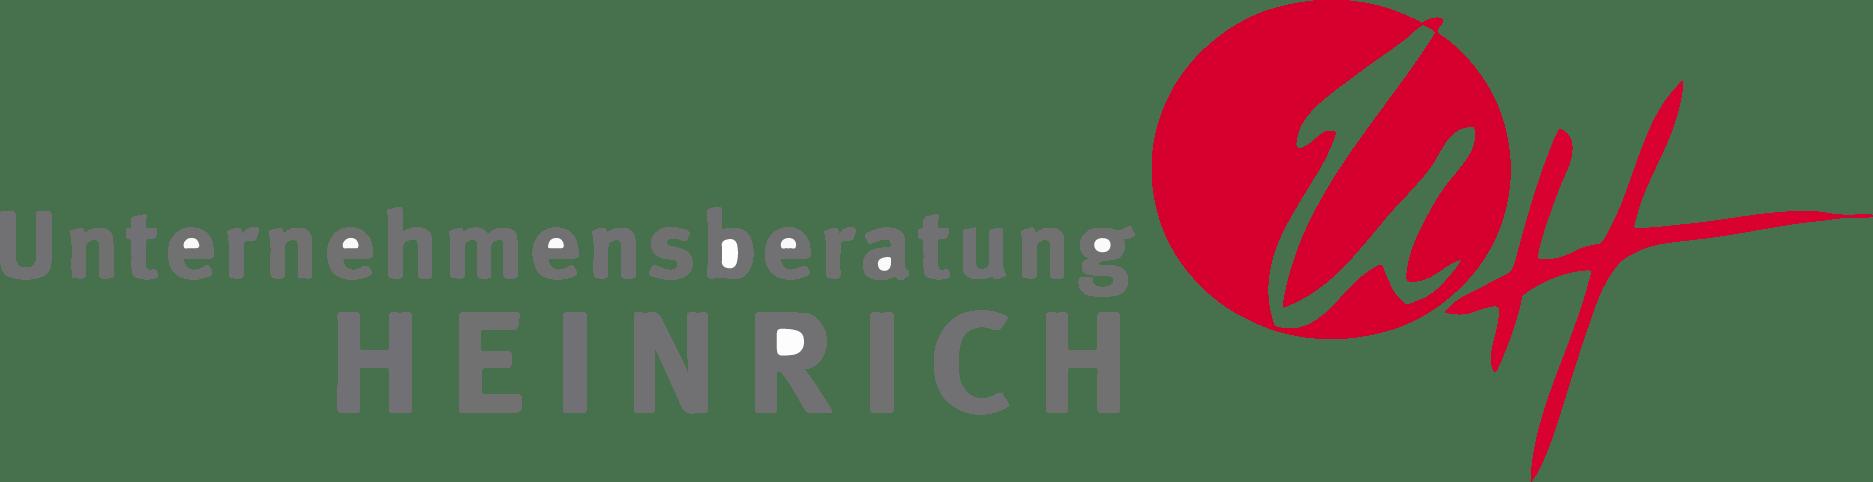 Beate Heinrich